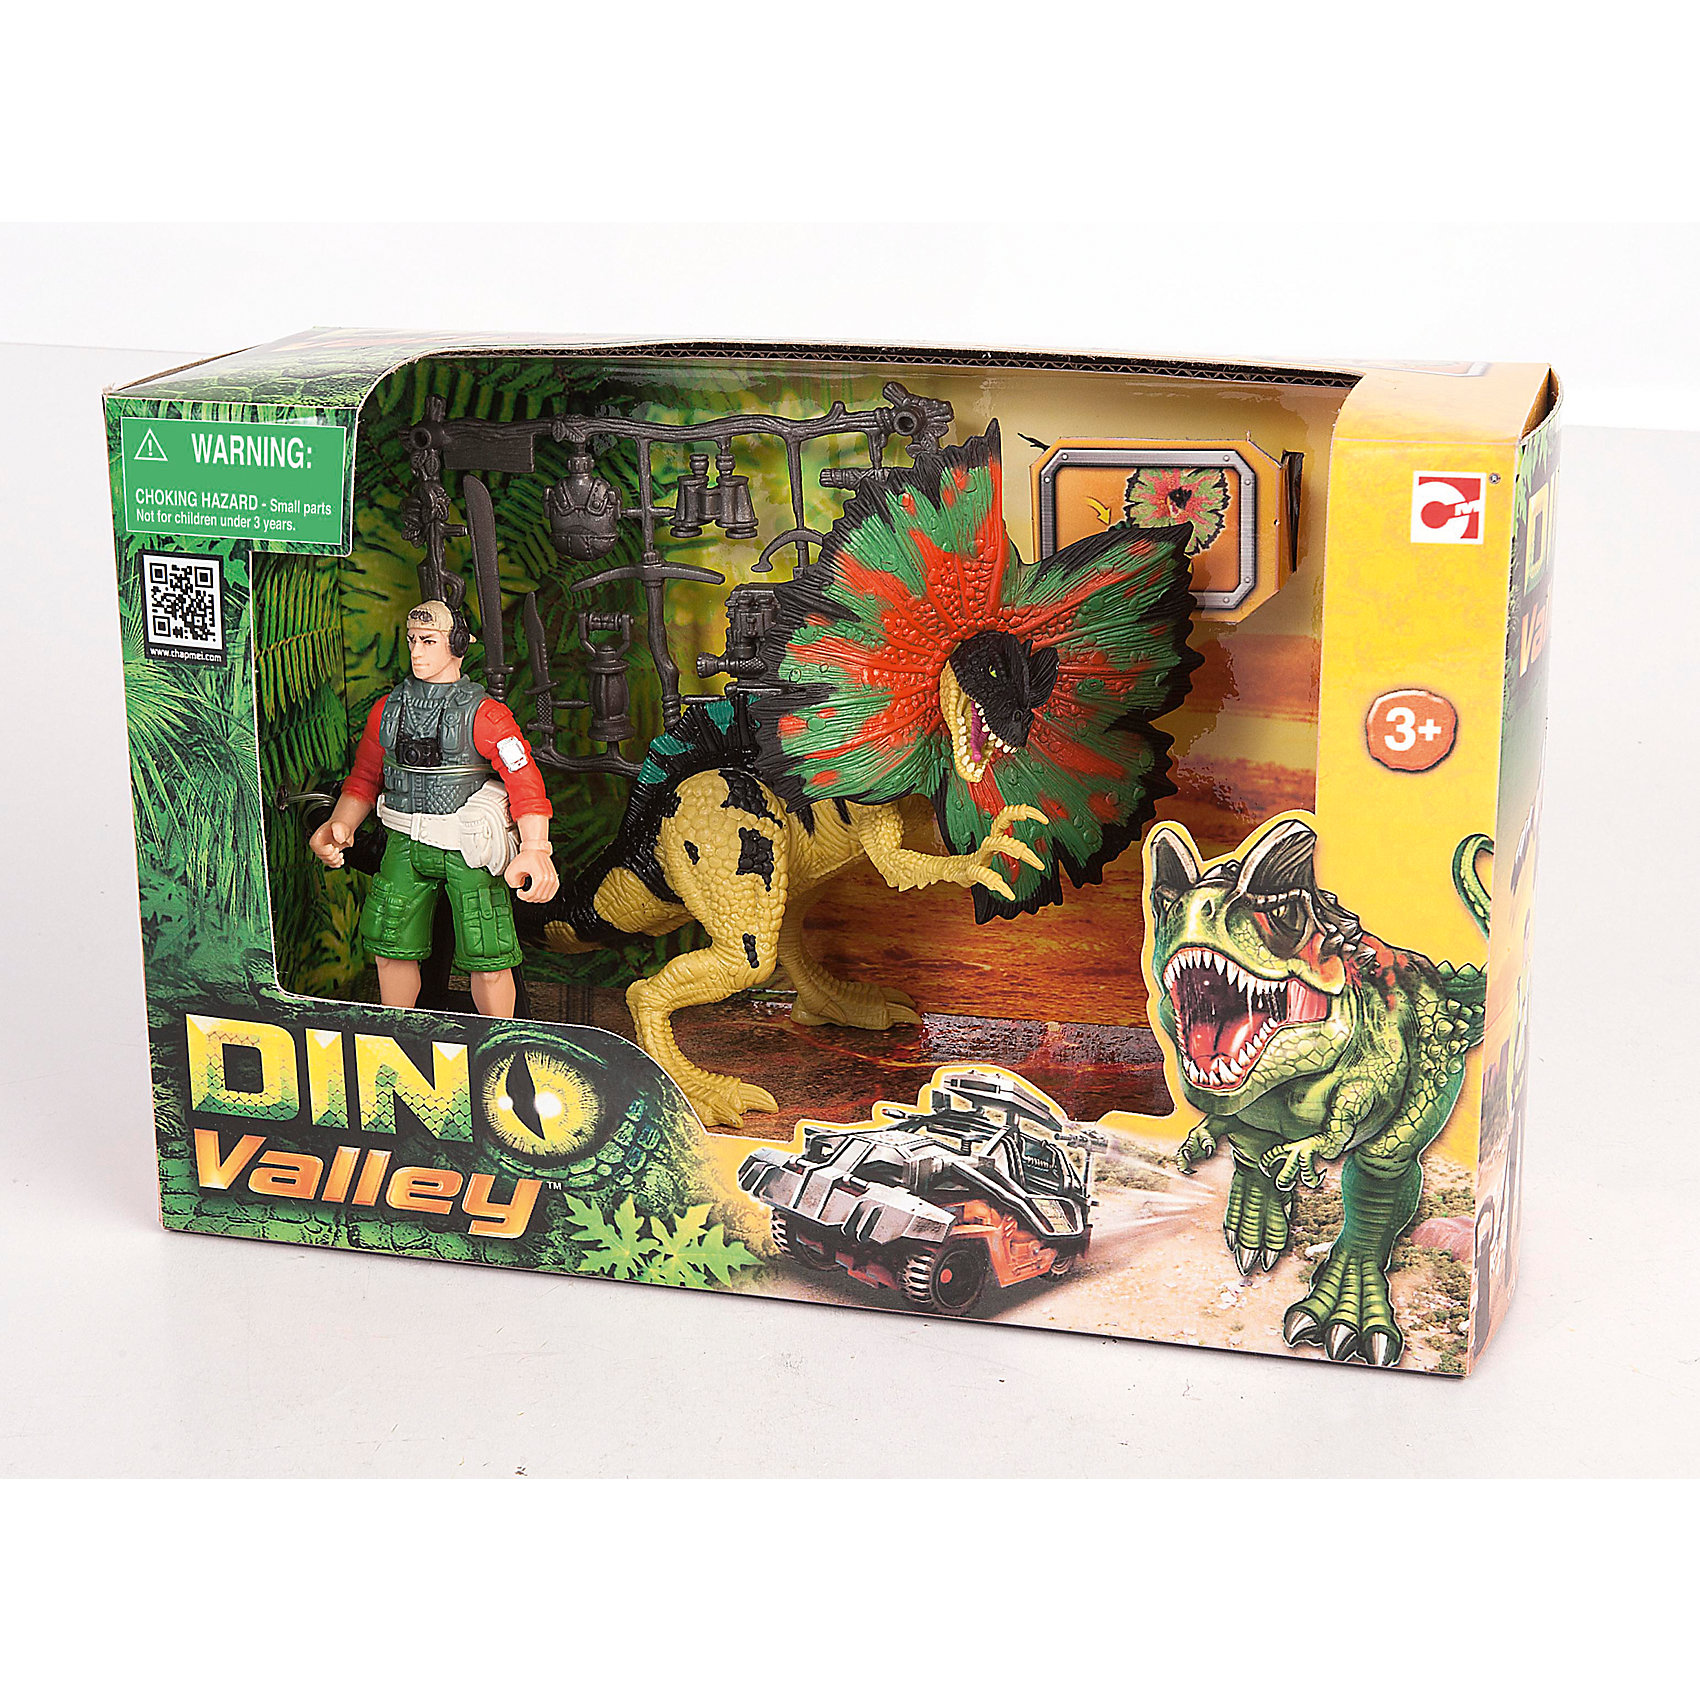 Набор: Дилофозавр и охотник со снаряжением, Chap MeiДинозавры и драконы<br>Набор: Дилофозавр и охотник со снаряжением, Chap Mei (Чап Мей)<br><br>Характеристики:<br><br>• подвижные конечности и голова<br>• реалистичные детали<br>• высота динозавра: 16 см<br>• материал: пластик<br>• размер упаковки: 28х18х10,5 см<br>• вес: 310 грамм<br><br>Дилофозавр - хищный динозавр начала юрского периода. Поймать его не так просто, но смелый охотник обязательно справится с этой задачей. Для этого он взял с собой всё необходимое снаряжение. Самое время устроить настоящую охоту! Набор познакомит ребенка с представителями древнейшего мира и позволит разыграть интересный сюжет из жизни охотника на динозавров. Фигурка динозавра обладает механическими функциями. <br><br>Набор: Дилофозавр и охотник со снаряжением, Chap Mei (Чап Мей) вы можете купить в нашем интернет-магазине.<br><br>Ширина мм: 273<br>Глубина мм: 102<br>Высота мм: 178<br>Вес г: 690<br>Возраст от месяцев: 36<br>Возраст до месяцев: 2147483647<br>Пол: Унисекс<br>Возраст: Детский<br>SKU: 5503289